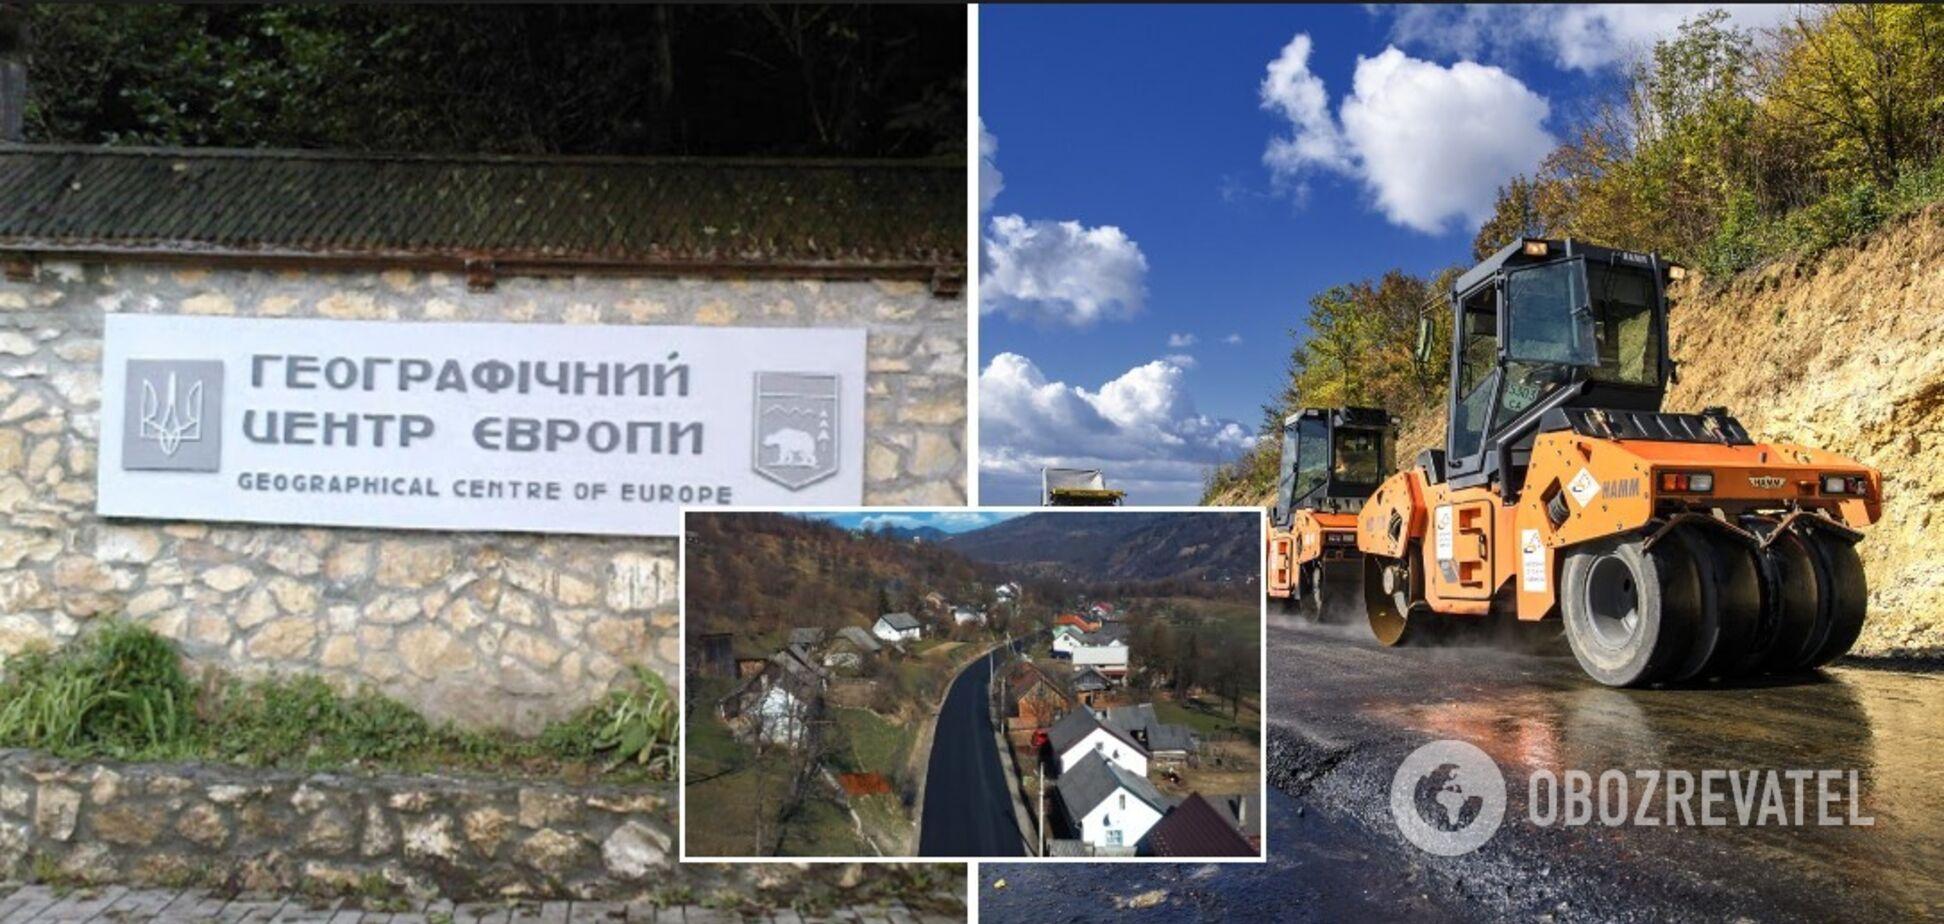 В селе Деловое Закарпатской области обустраивается верхний слой дорожного покрытия в рамках 'Большого строительства'